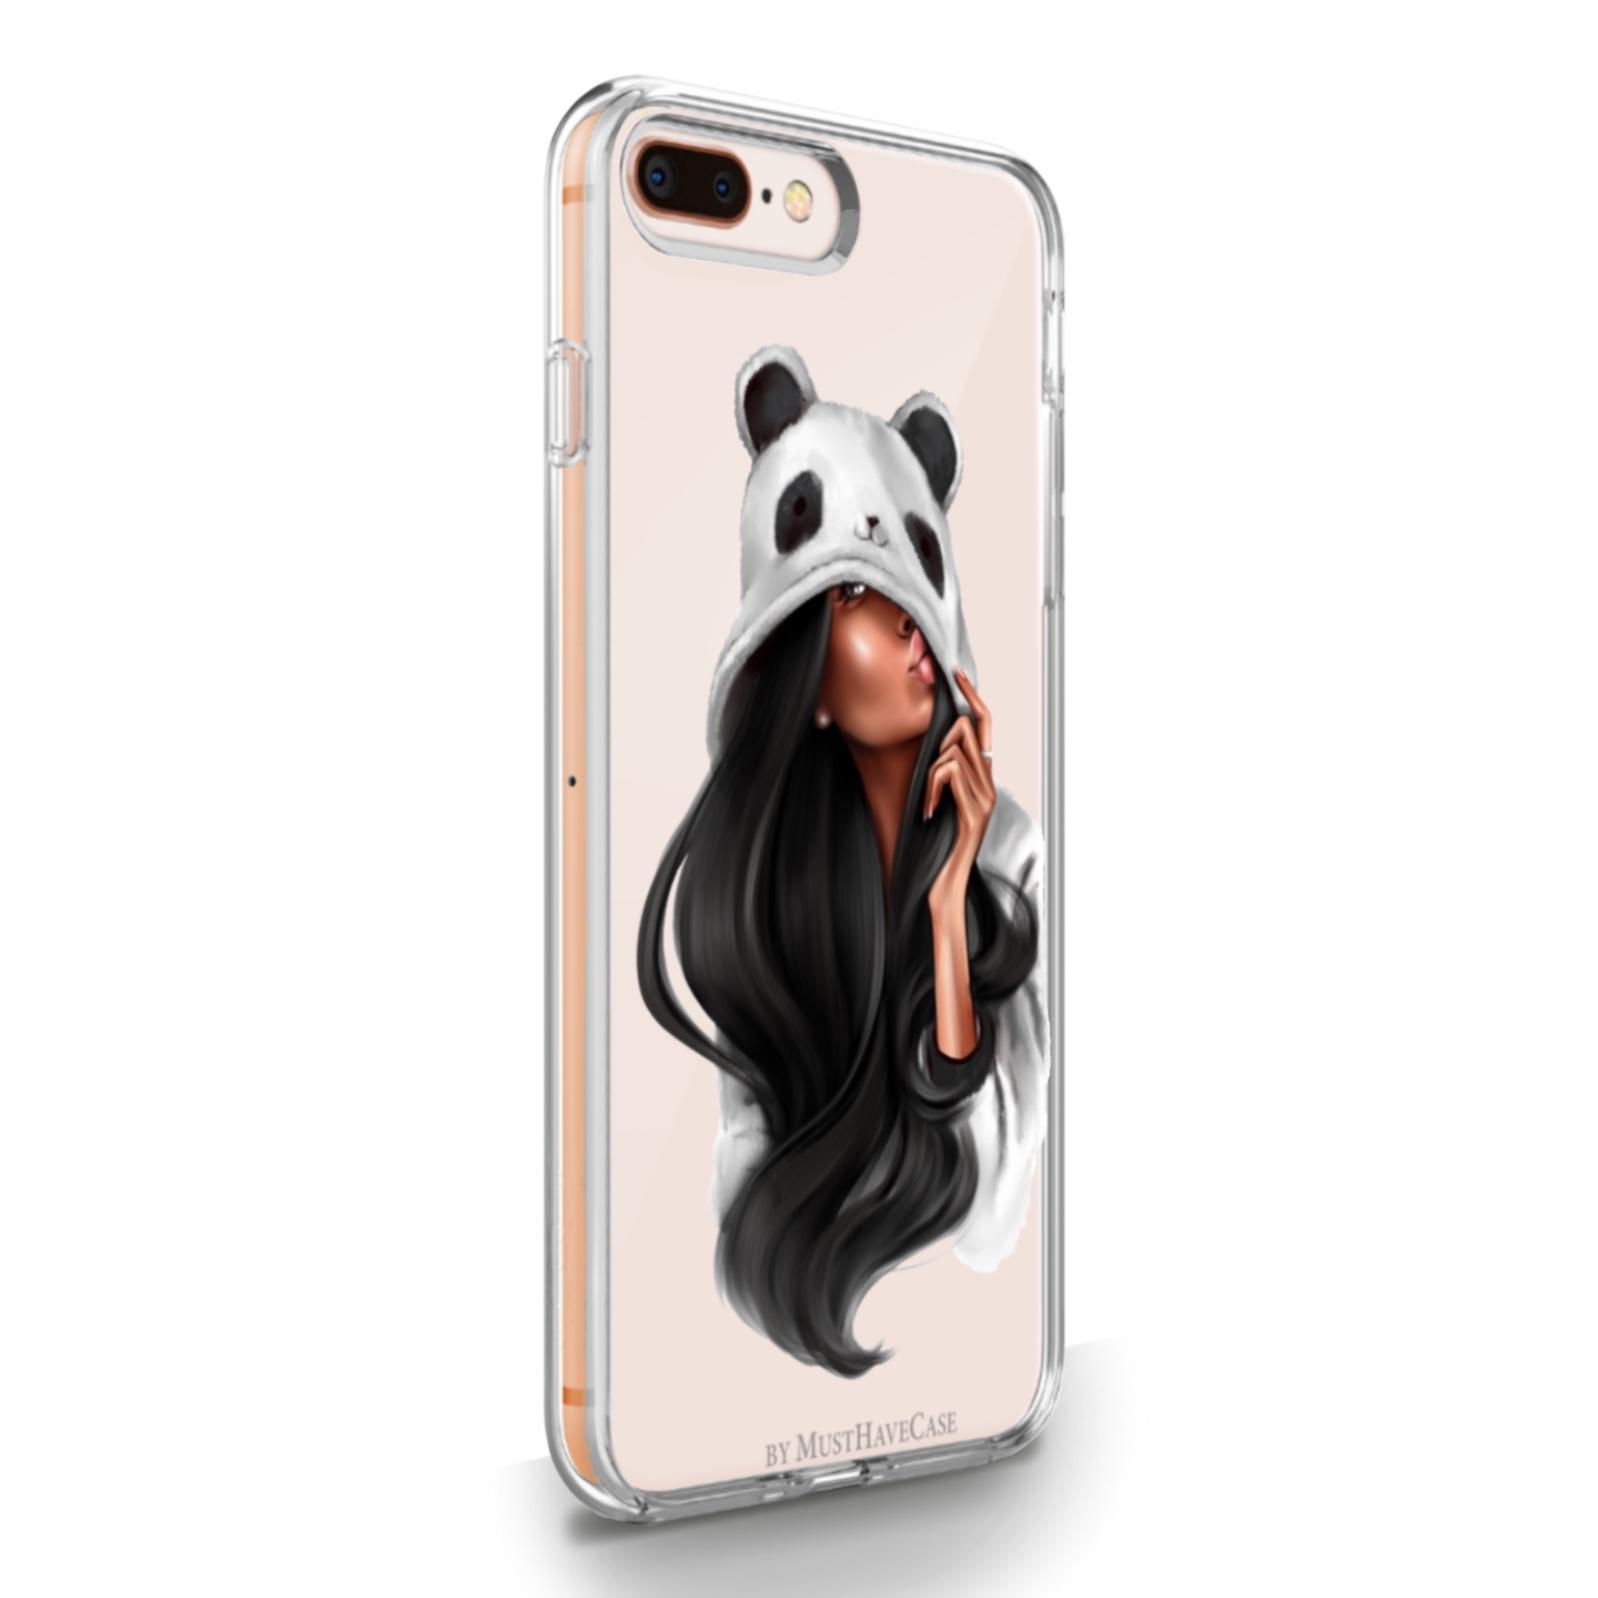 Прозрачный силиконовый чехол для iPhone 7/8 Plus Panda Girl для Айфон 7/8 Плюс Панда